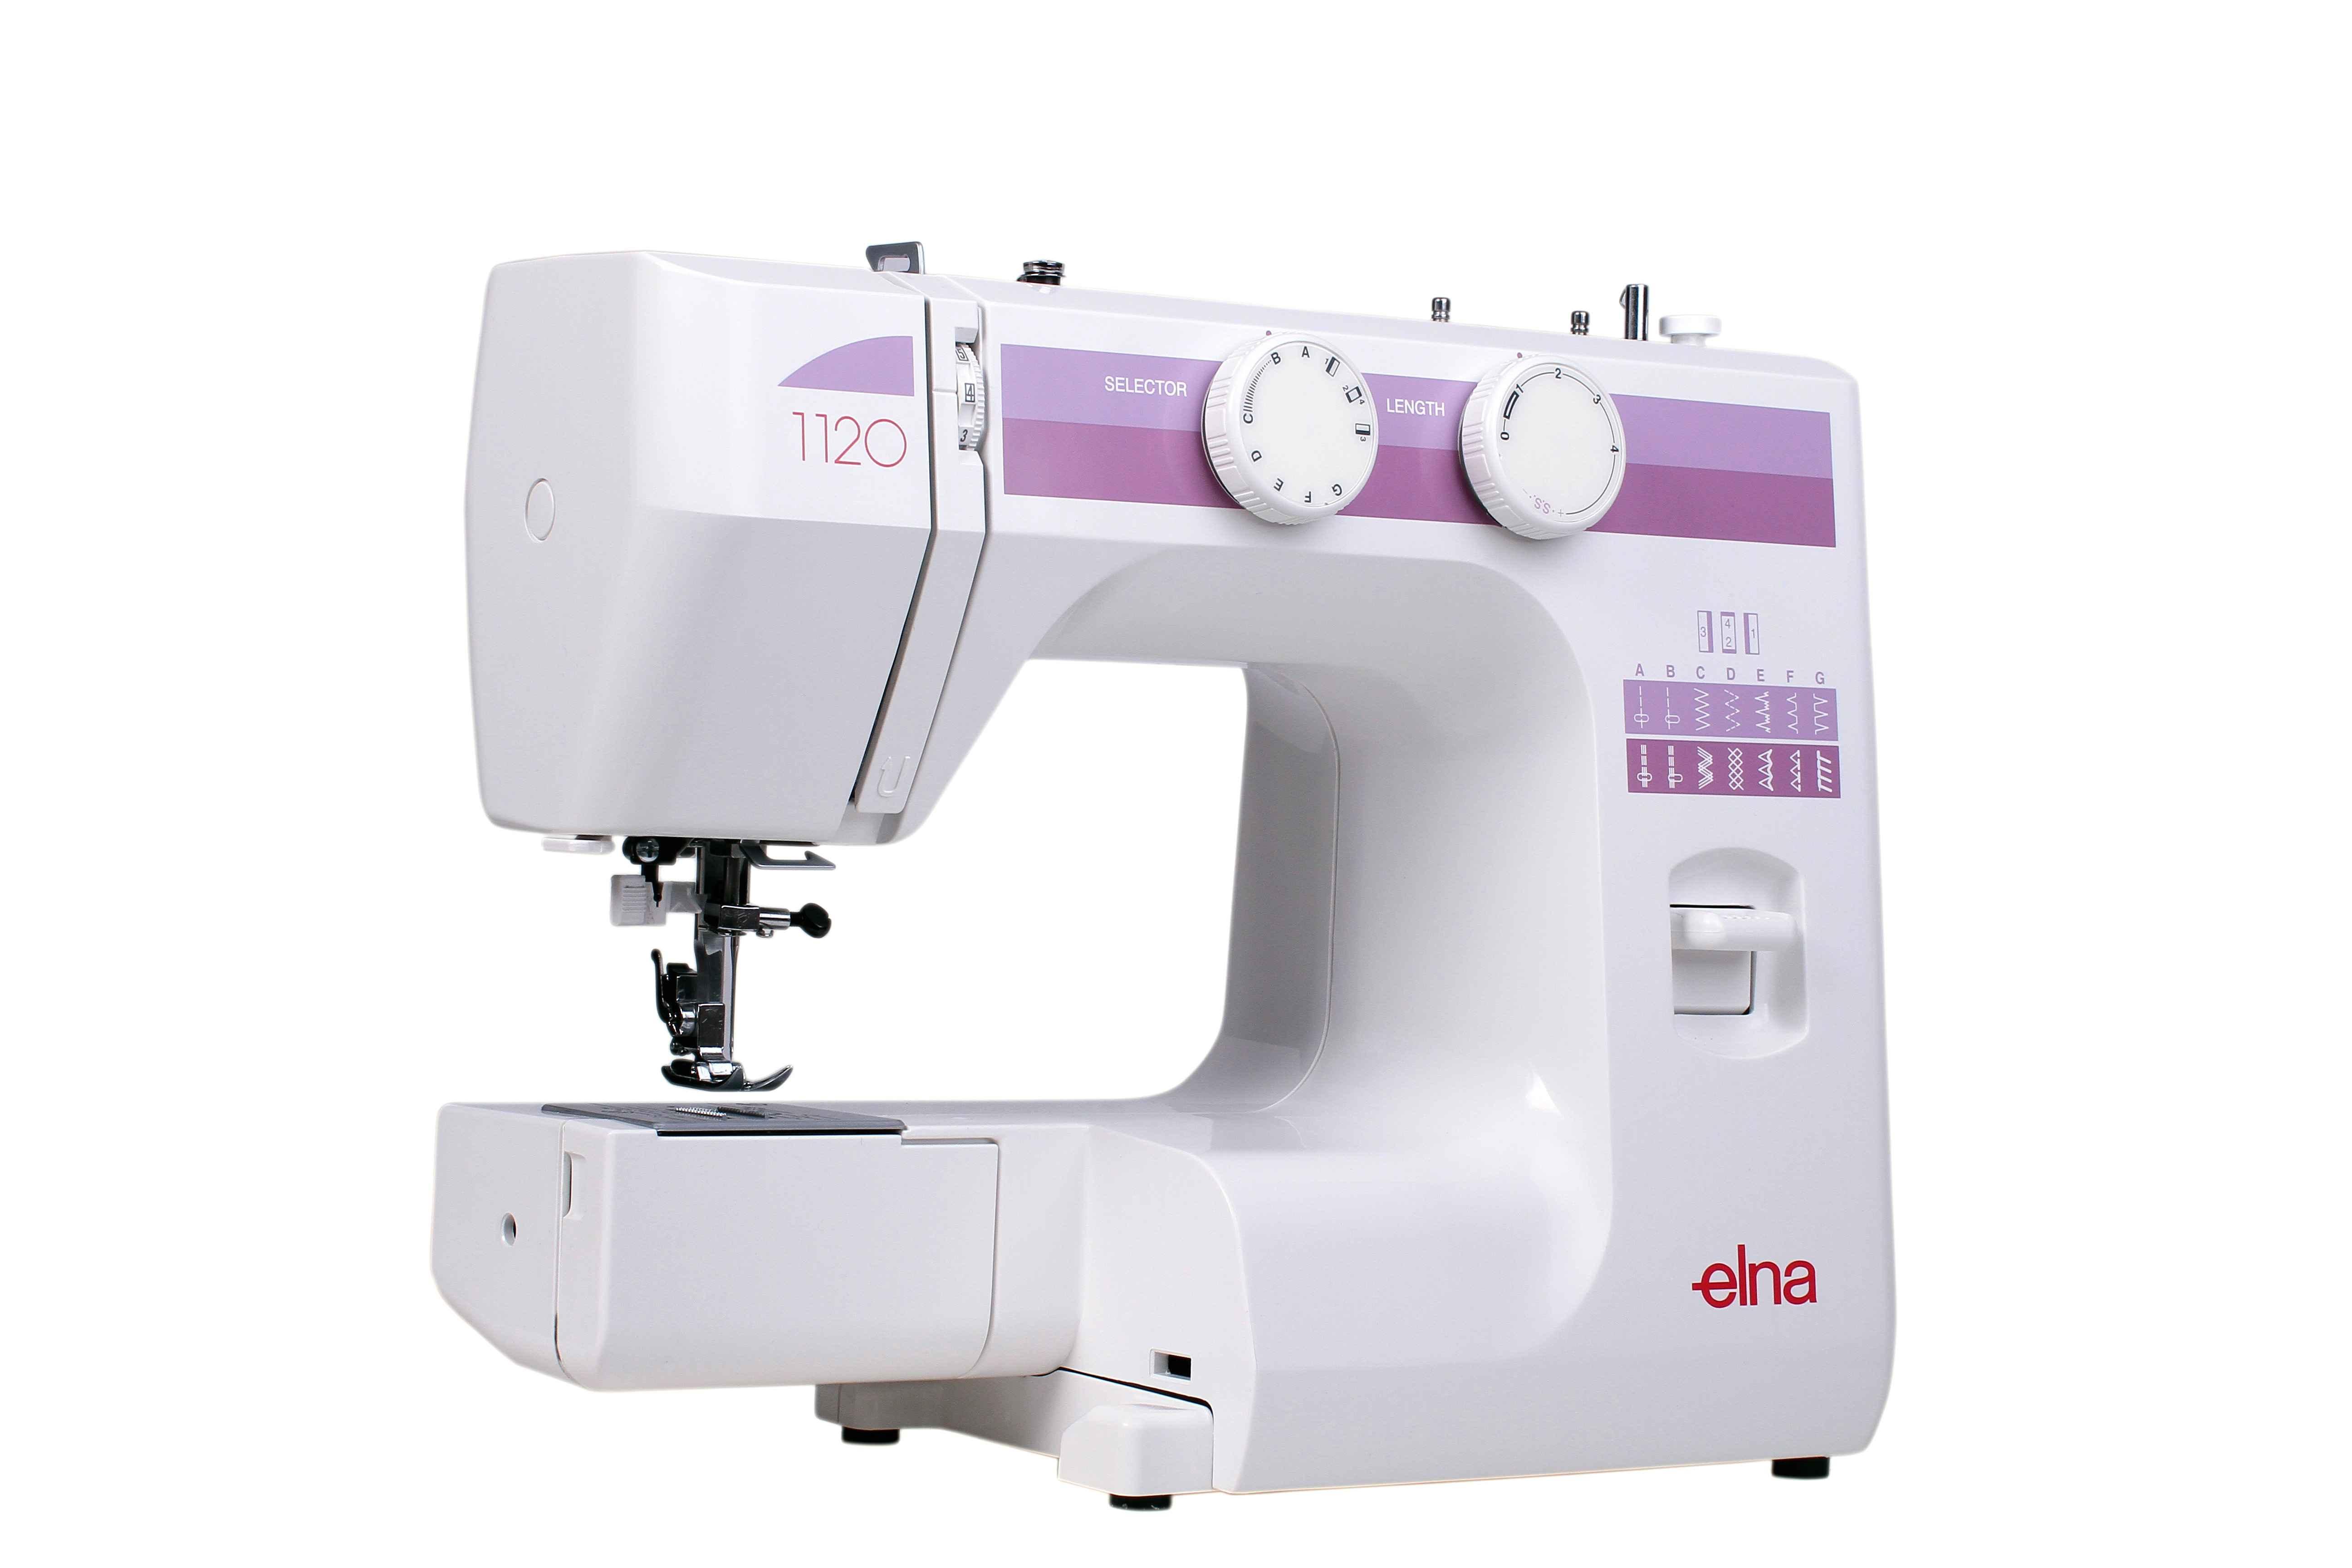 цена на Швейная машина Elna 1120